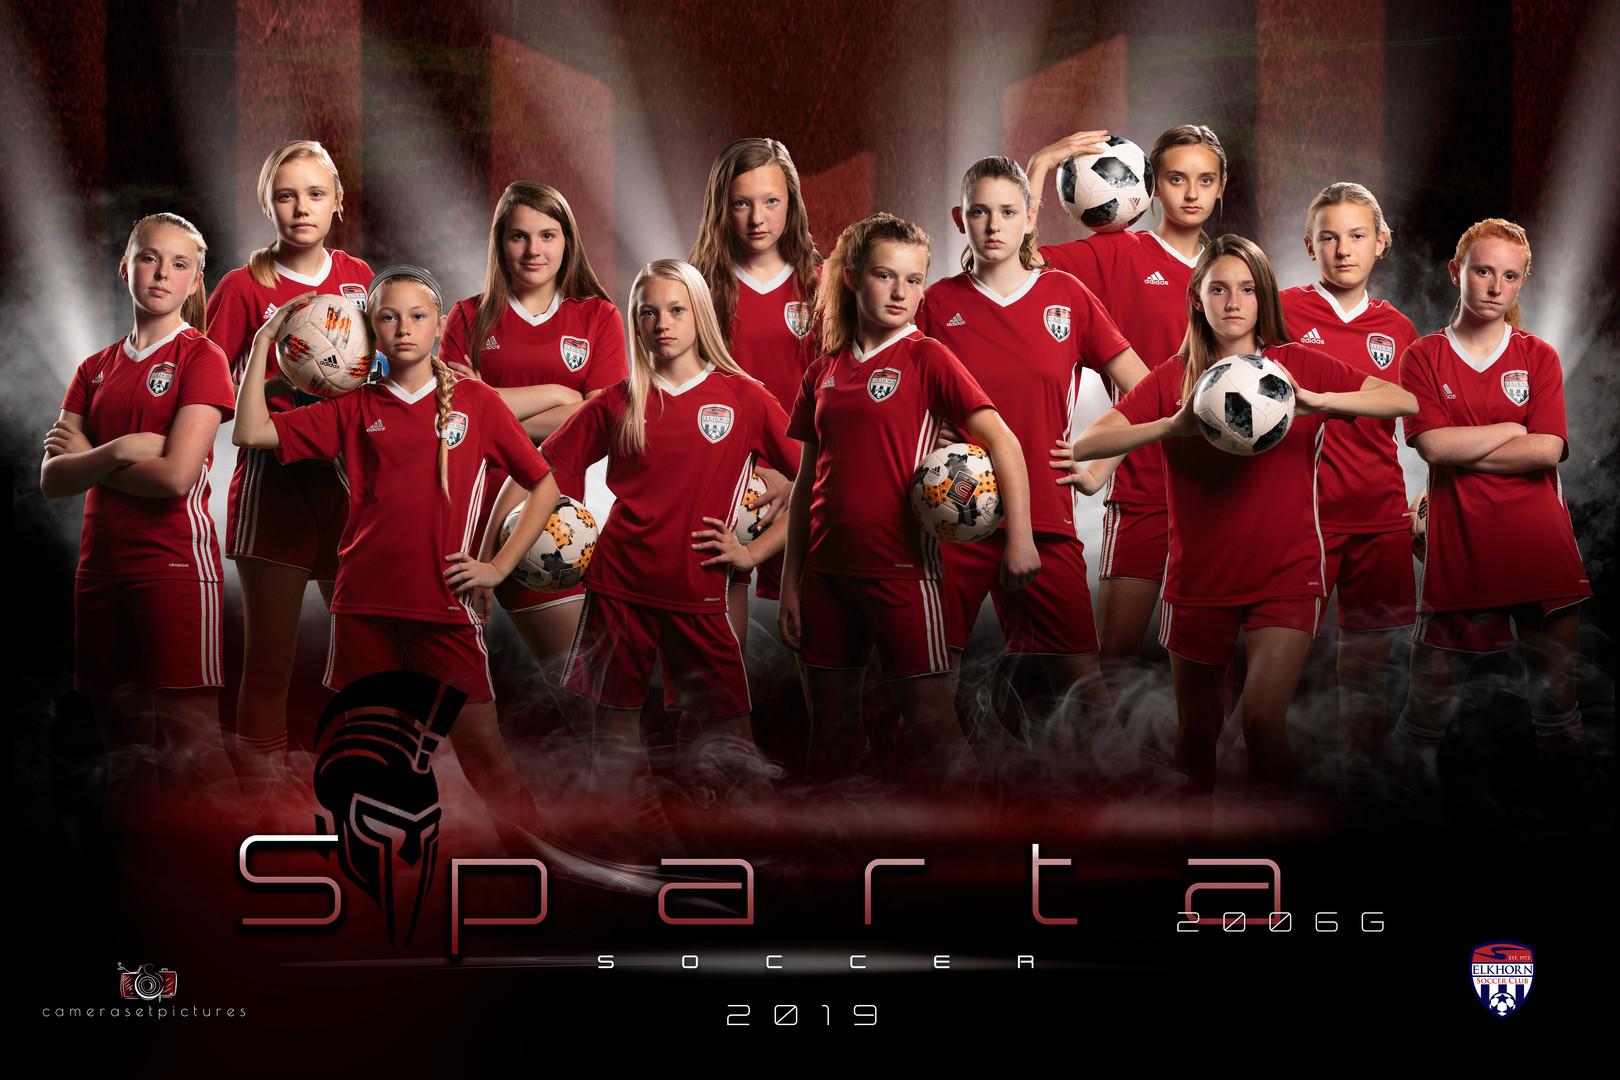 Sparta Soccer